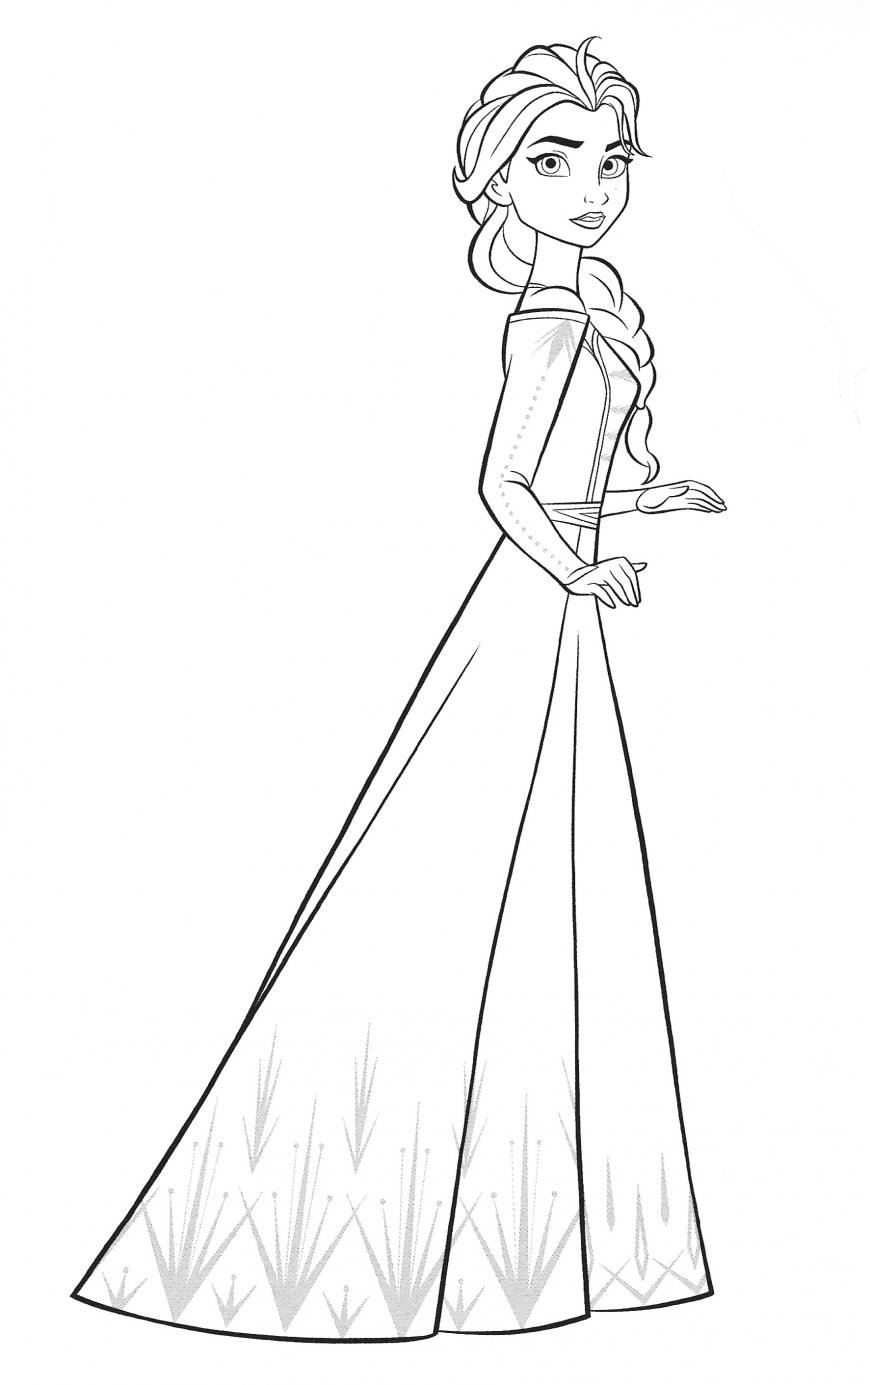 Frozen 18 Elsa coloring page by variandeservesbetter on DeviantArt